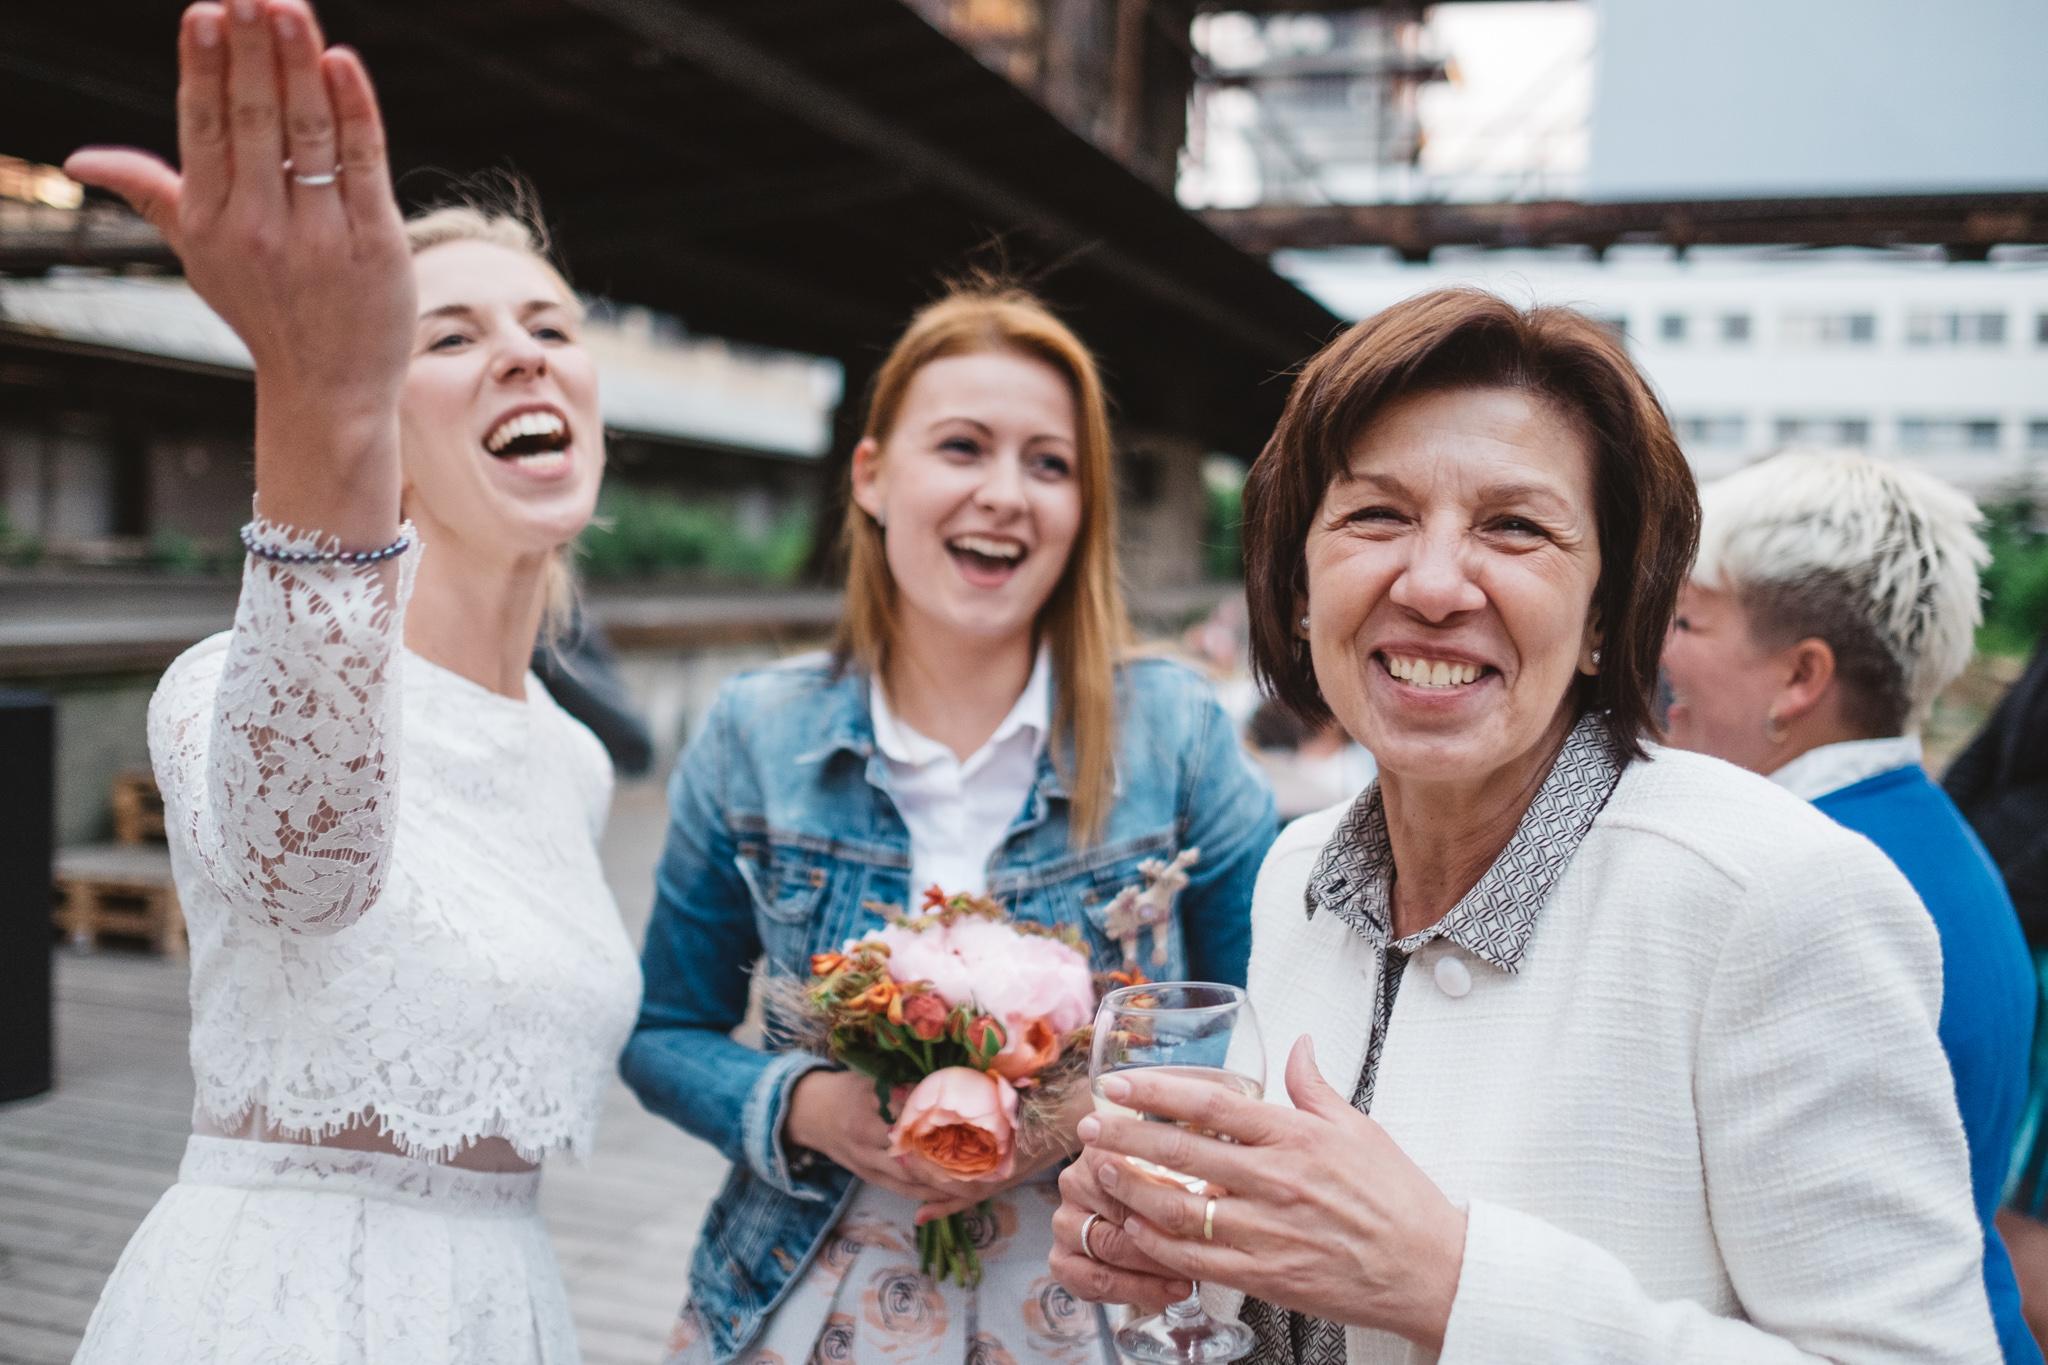 Svatba na nákladovém nádraží Žižkov Fotograf Vojtěch Láznička